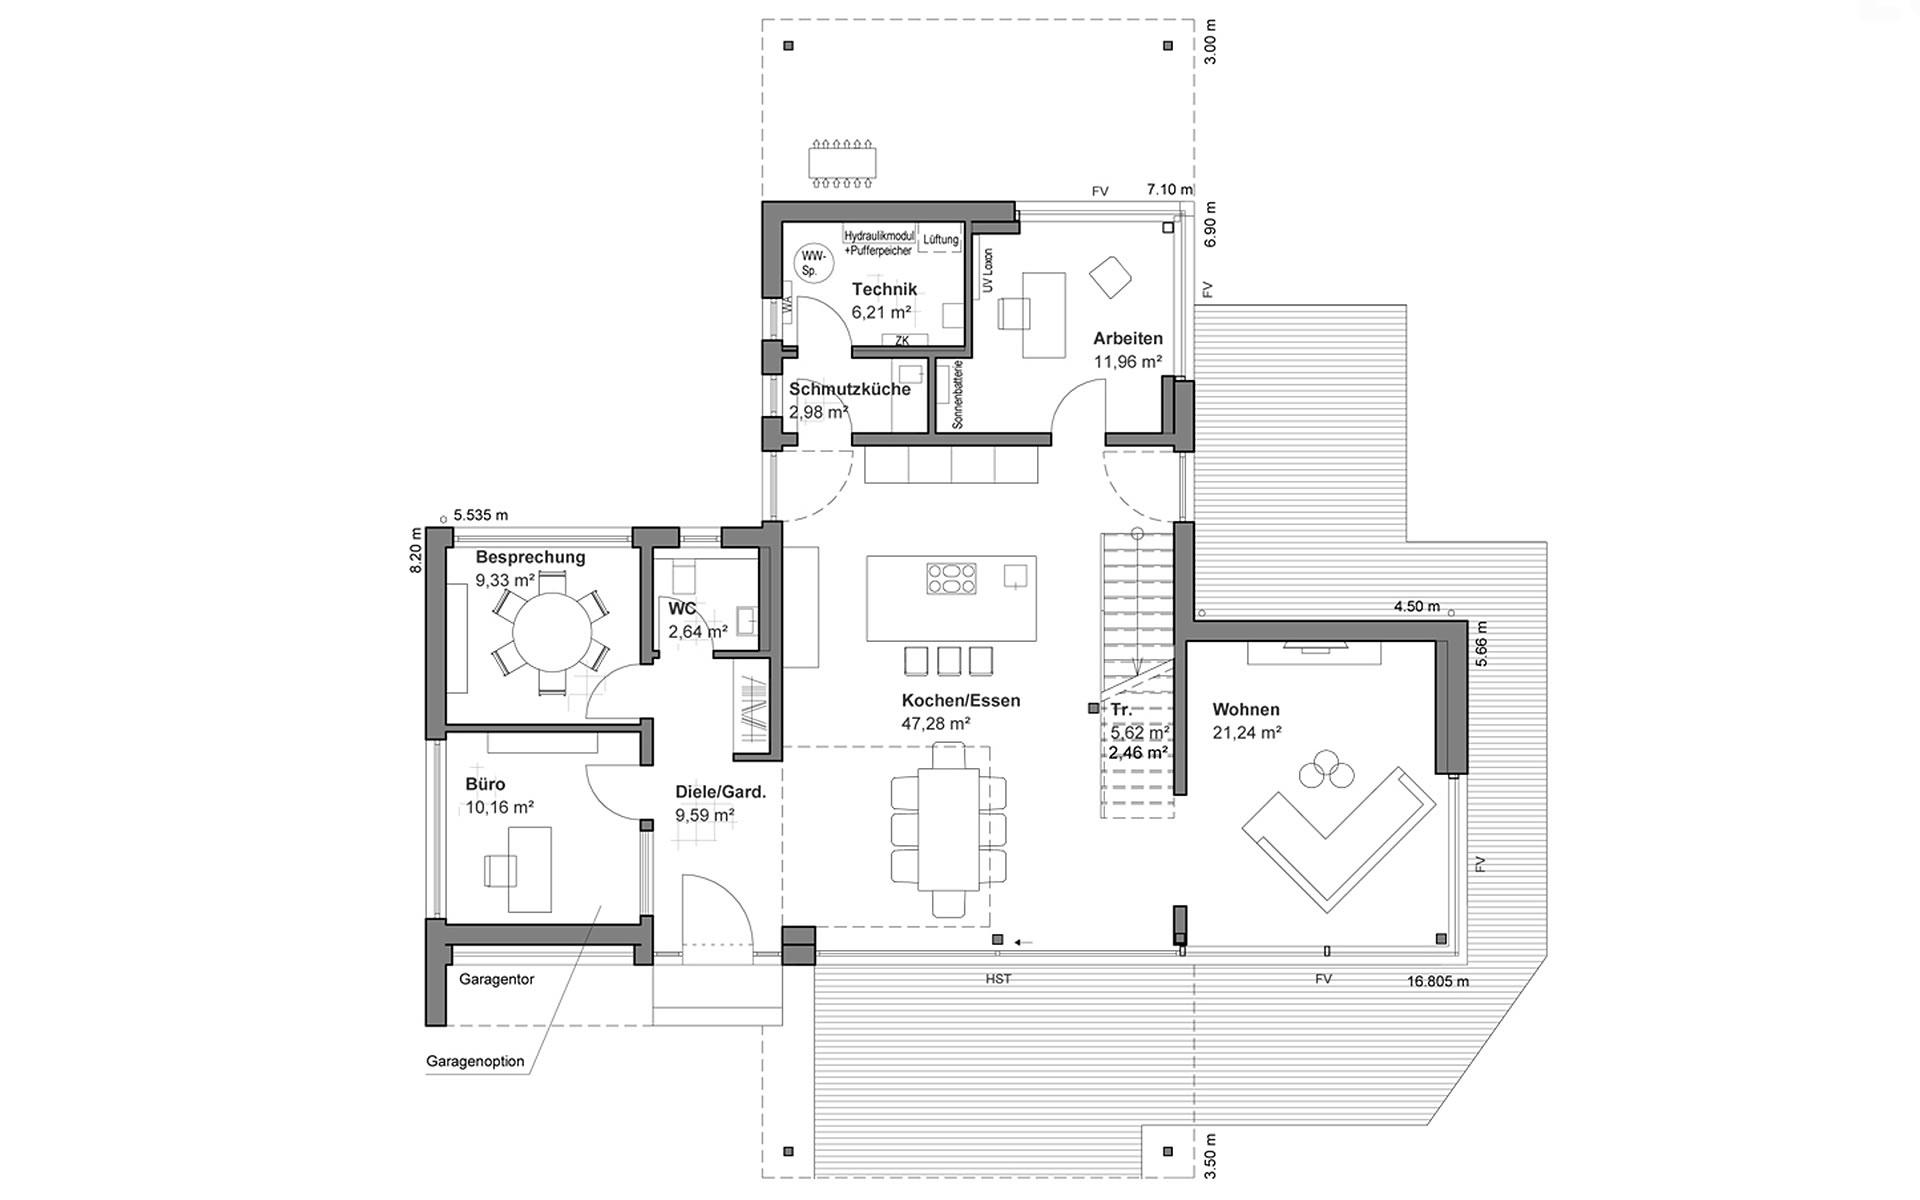 Erdgeschoss Musterhaus Bad Vilbel von LUXHAUS Vertrieb GmbH & Co. KG